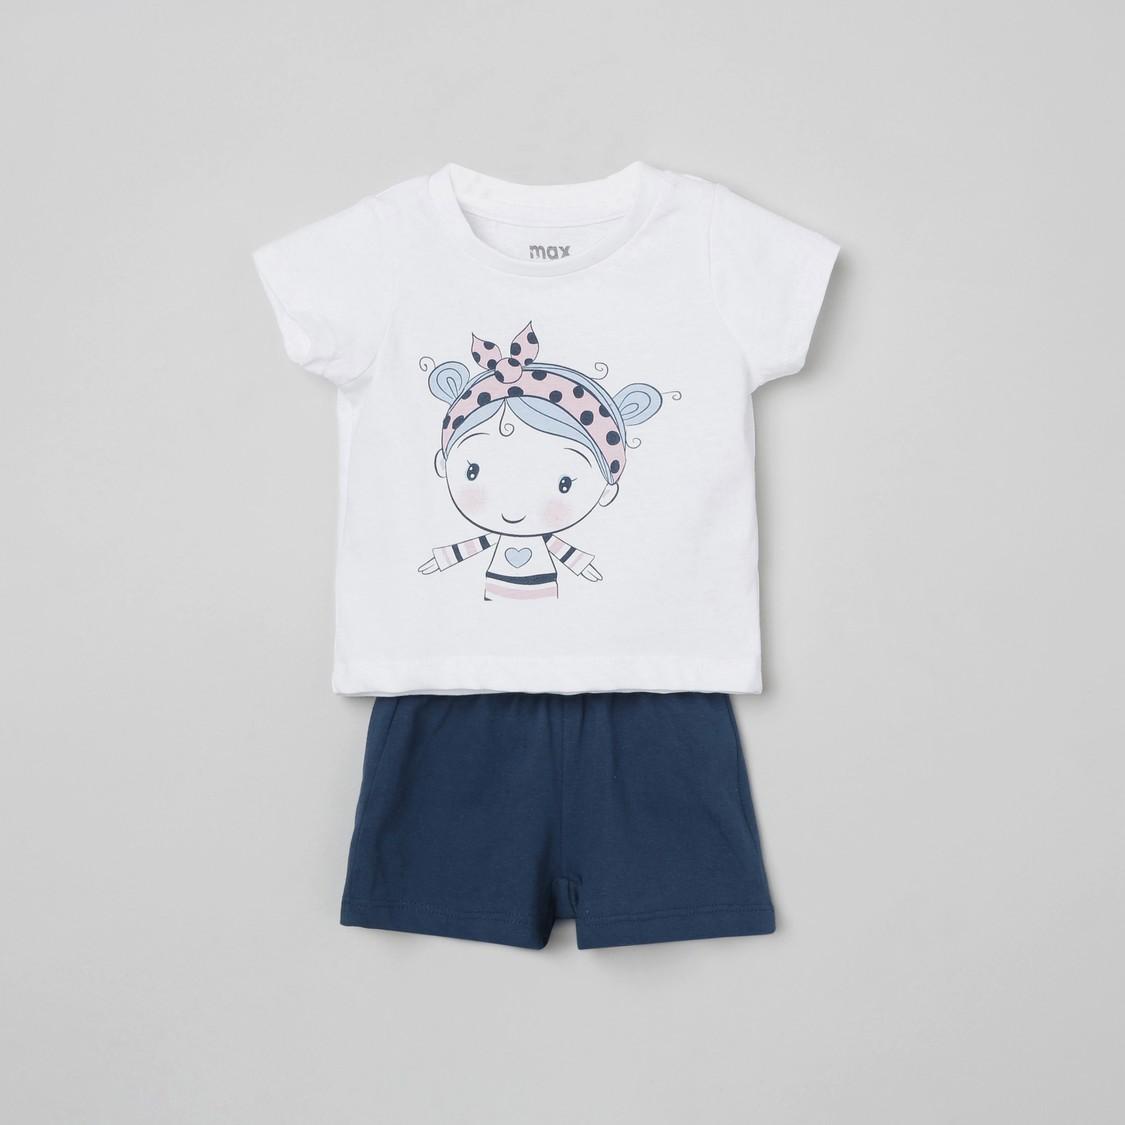 MAX Printed T-shirt with Shorts